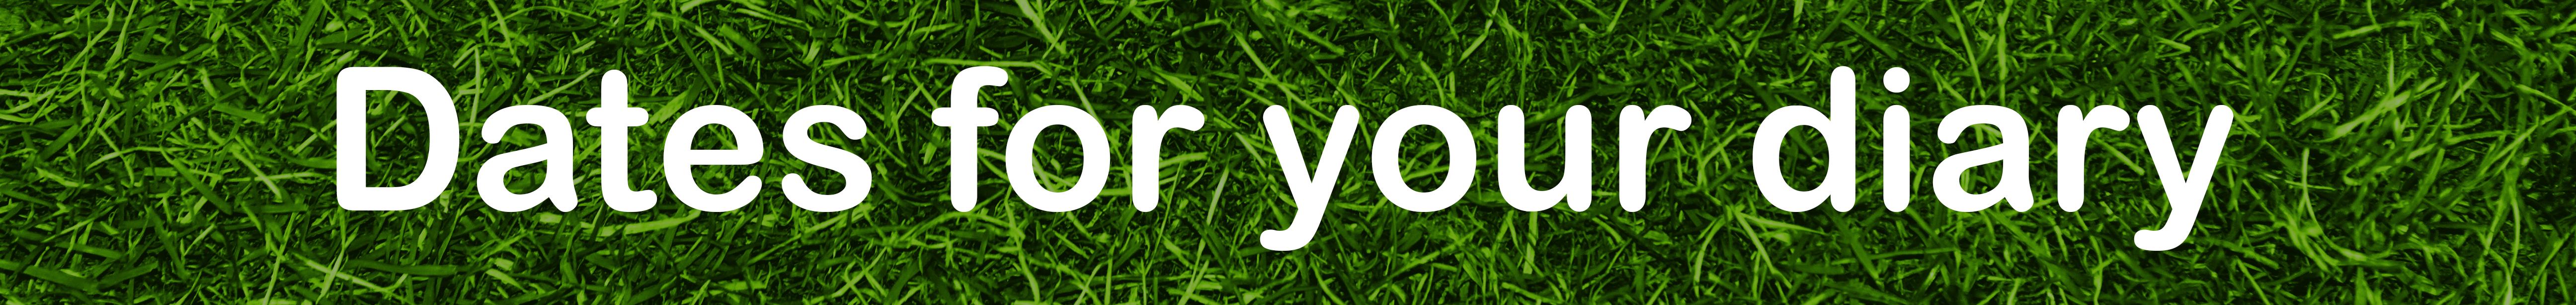 Drayton_corporate_sustainability_blog_heading_3